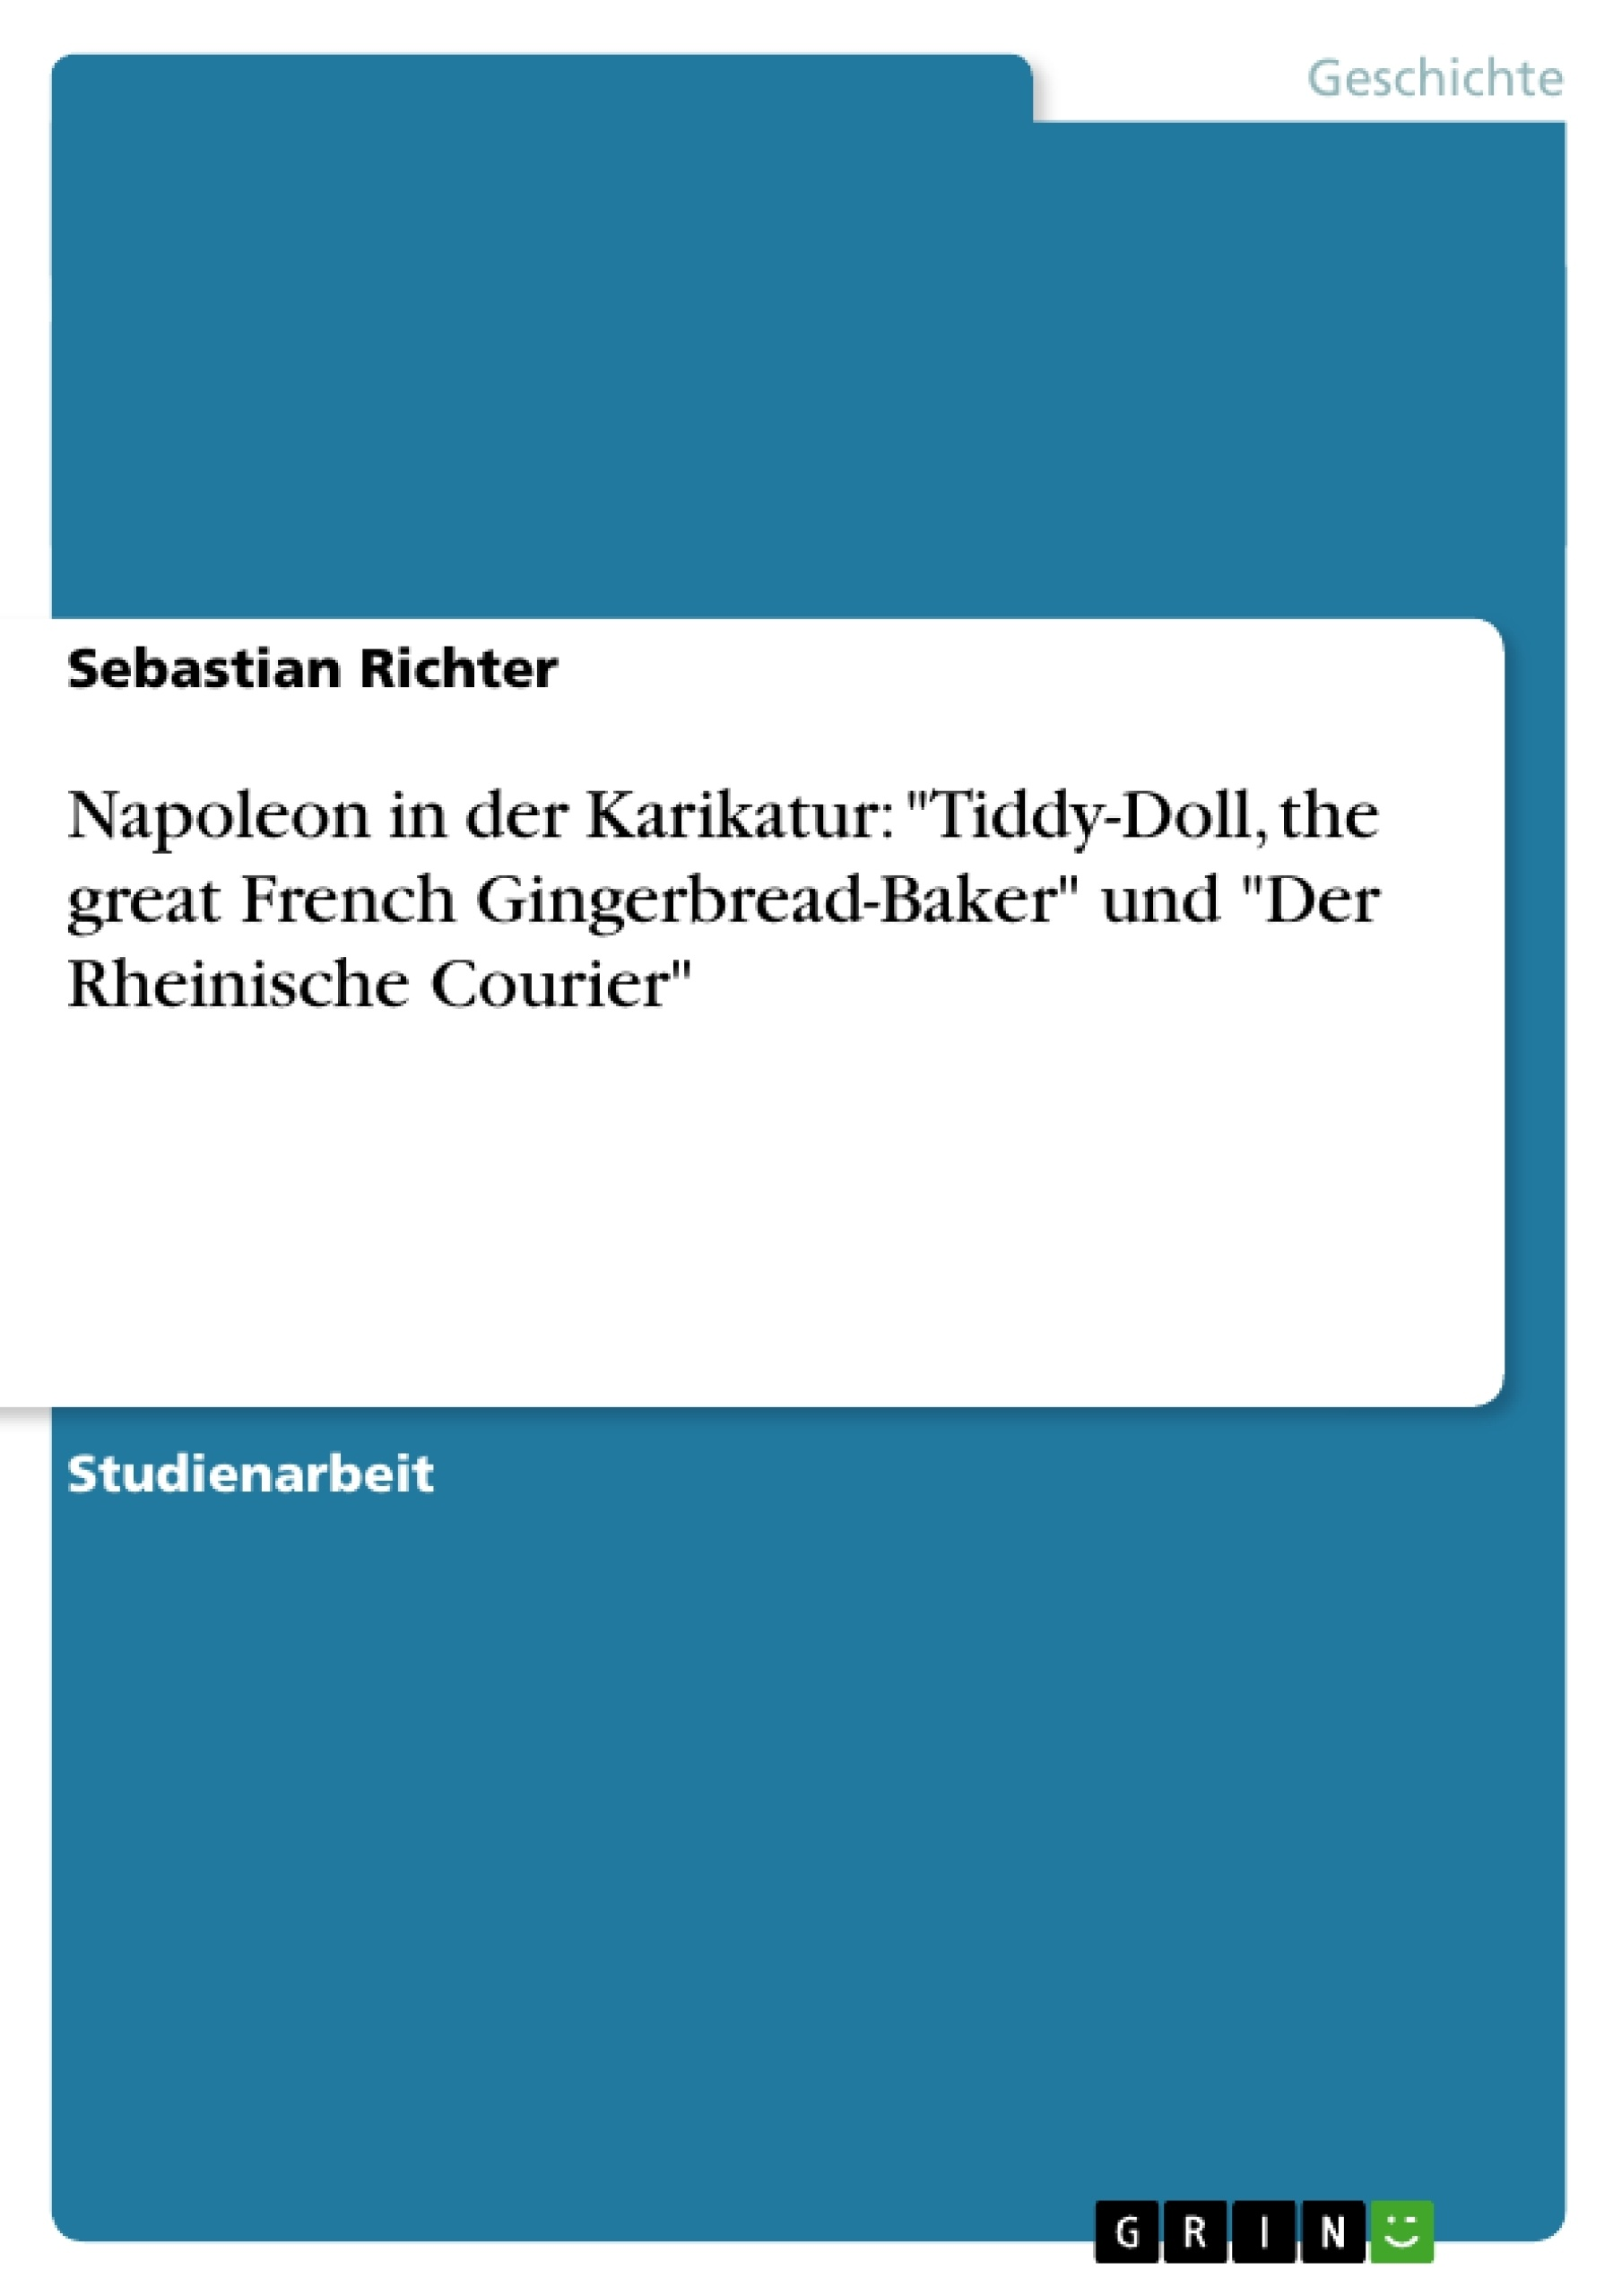 """Titel: Napoleon in der Karikatur: """"Tiddy-Doll, the great French Gingerbread-Baker"""" und """"Der Rheinische Courier"""""""